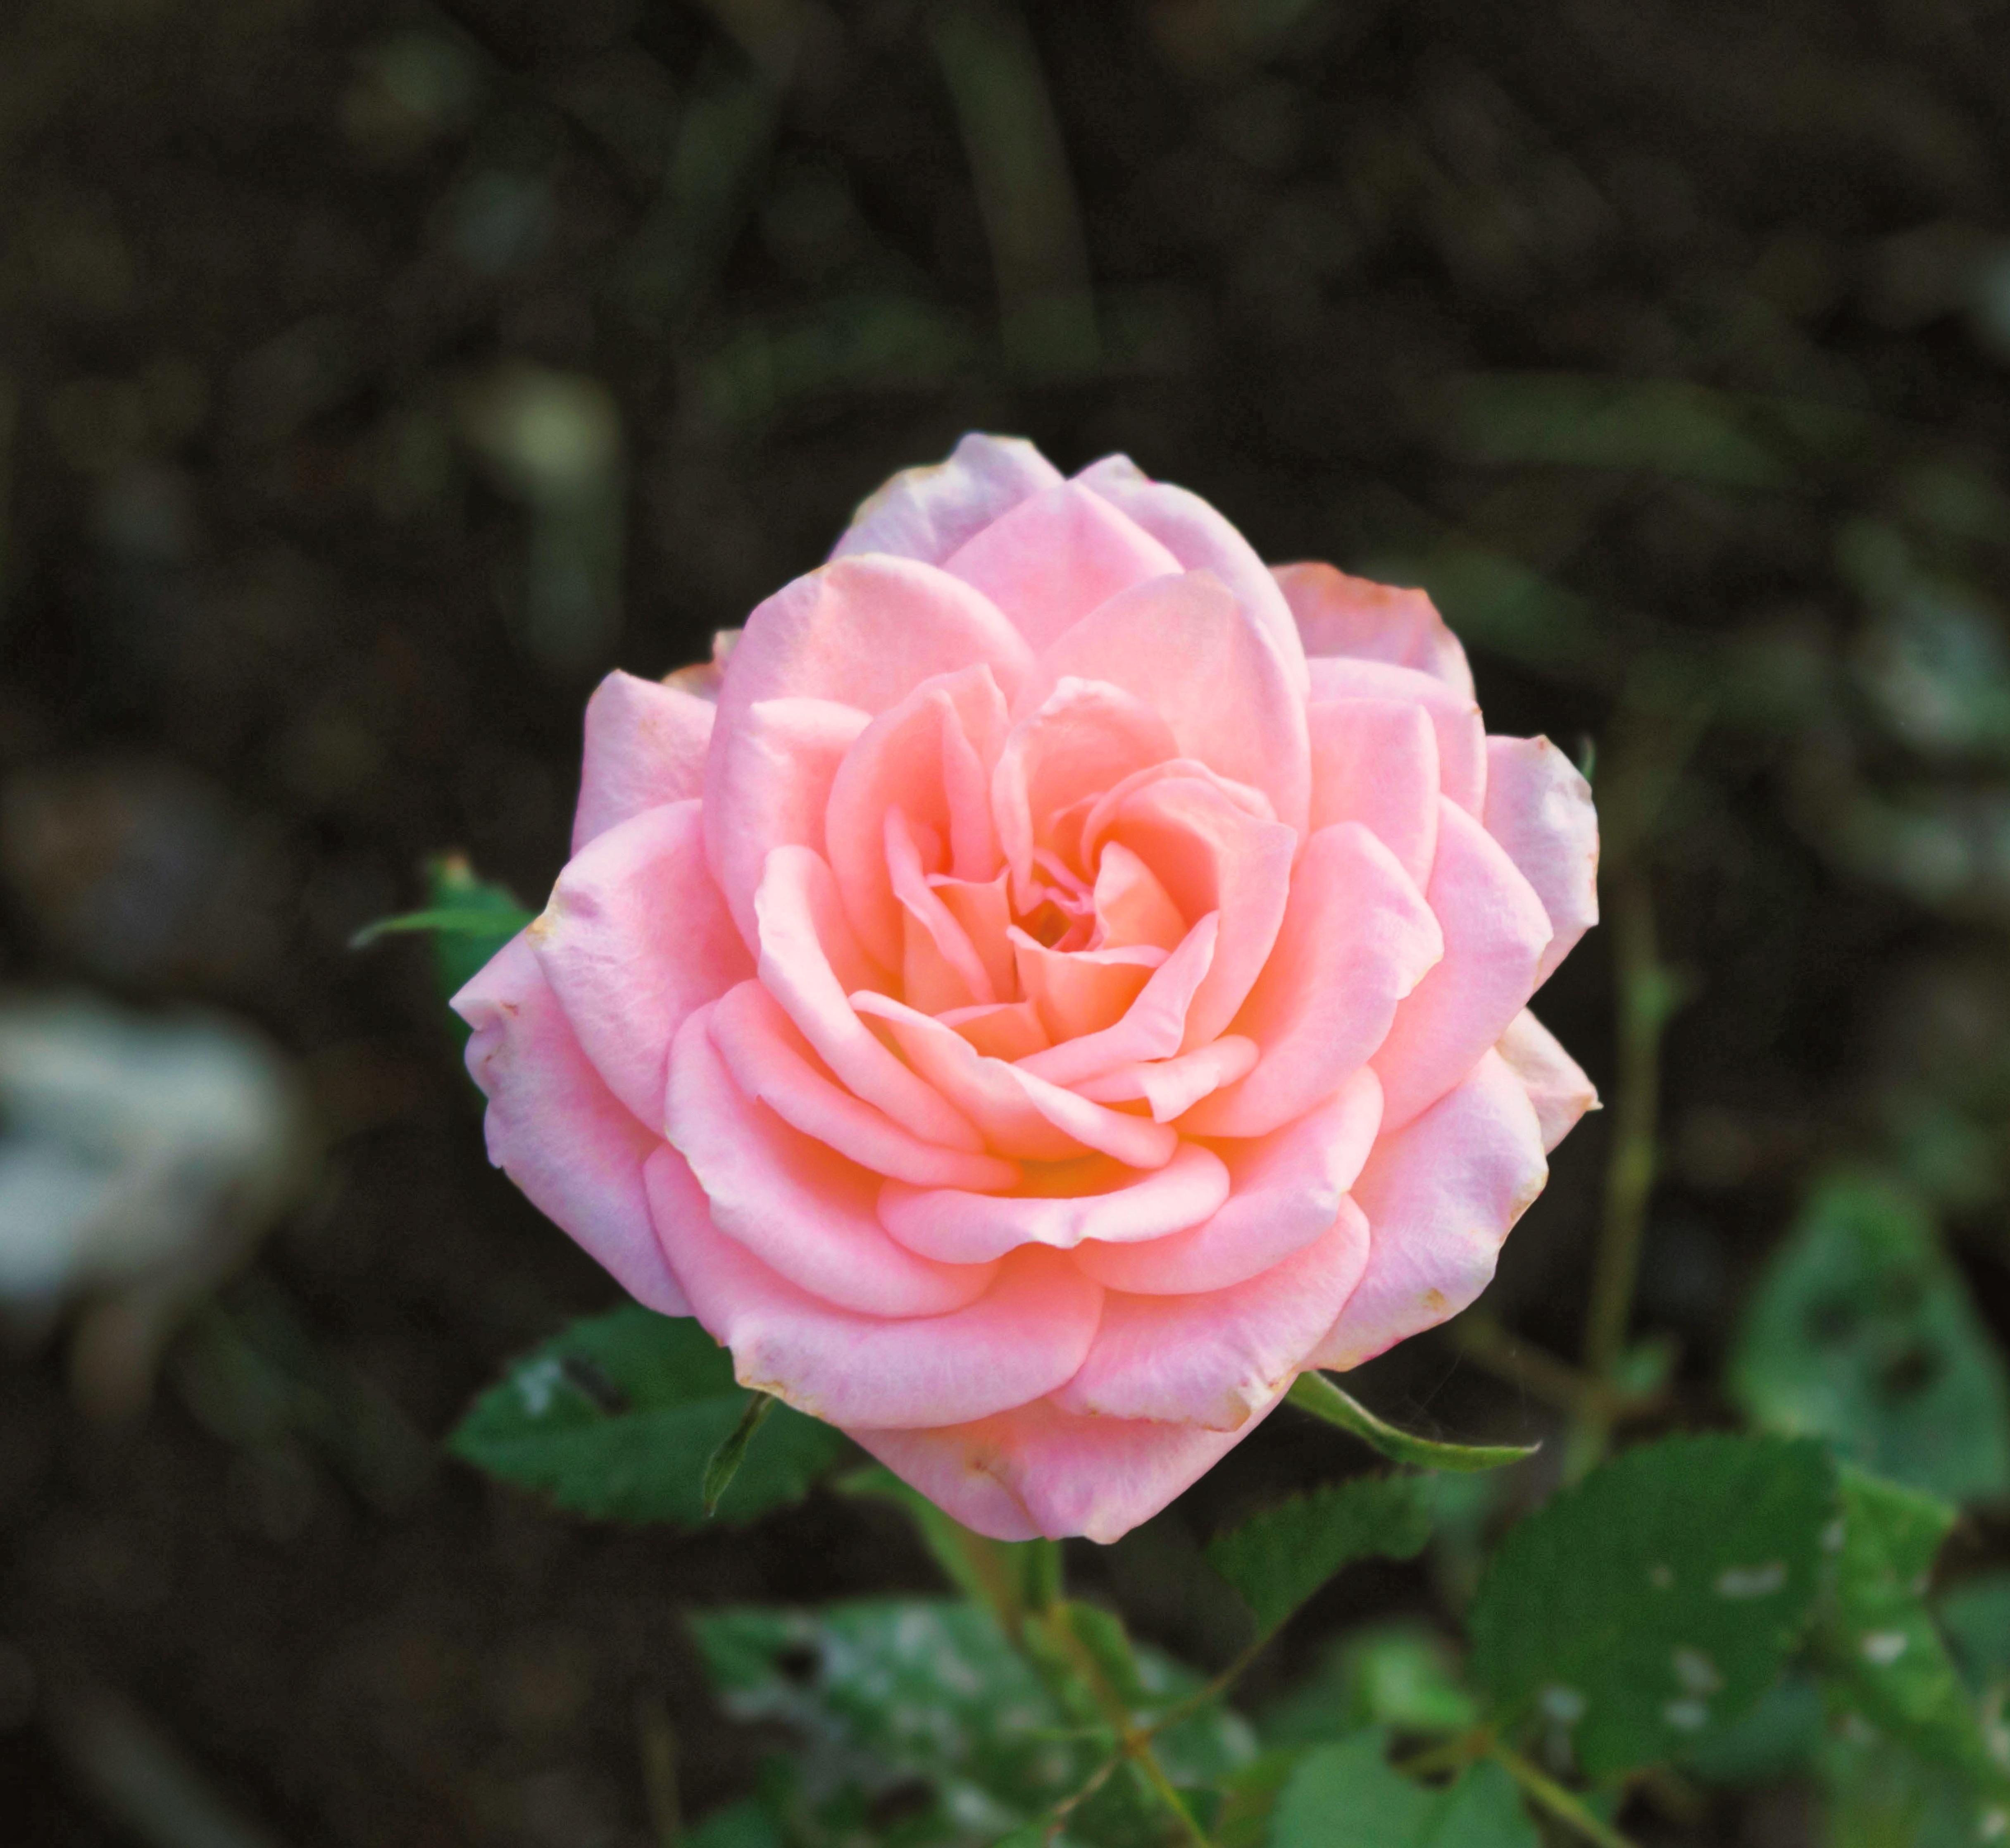 Garden Roses Flower Petal: Free Images : Nature, Blossom, Leaf, Petal, Bloom, Floral